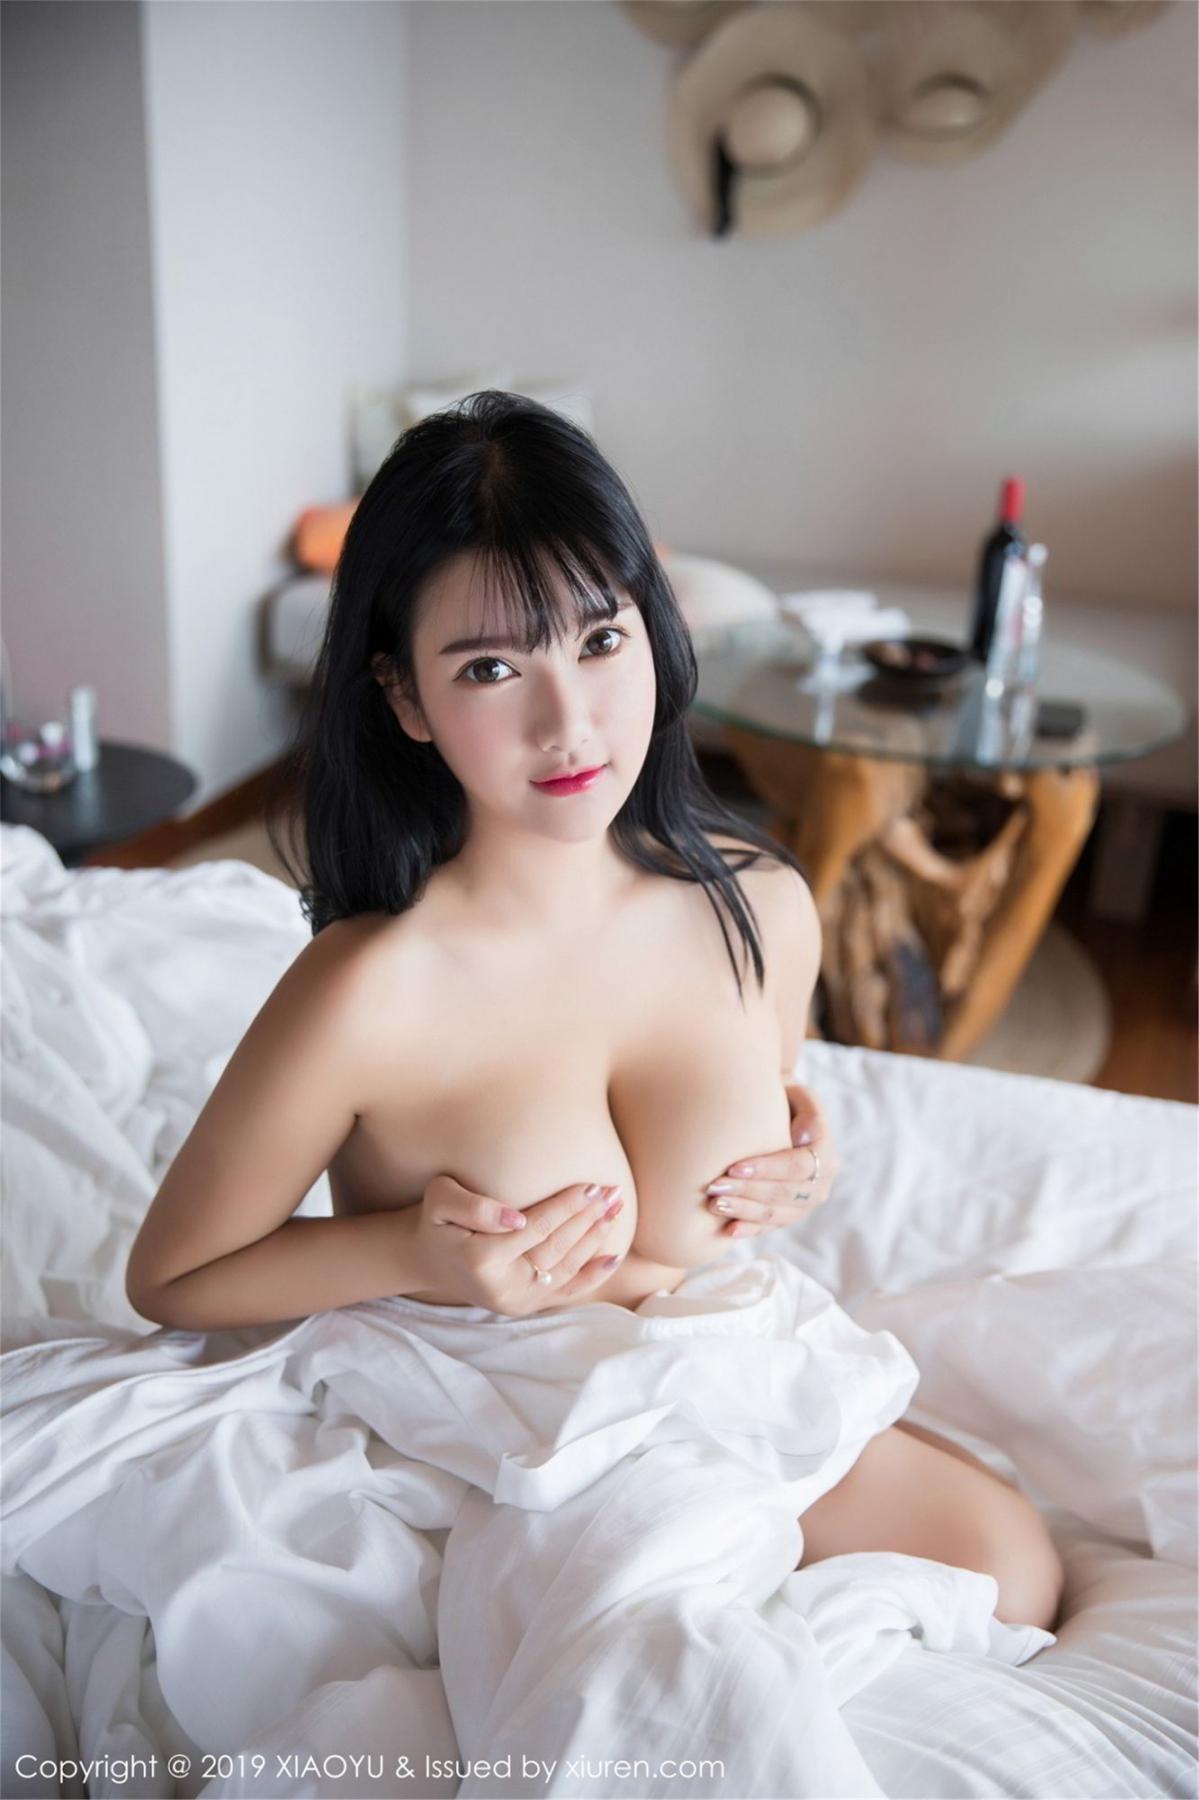 [XiaoYu] Vol.070 Lu Lu Xiao Miao 20P, Baby Face Big Boobs, Lovely, Lu Lu Xiao Miao, XiaoYu